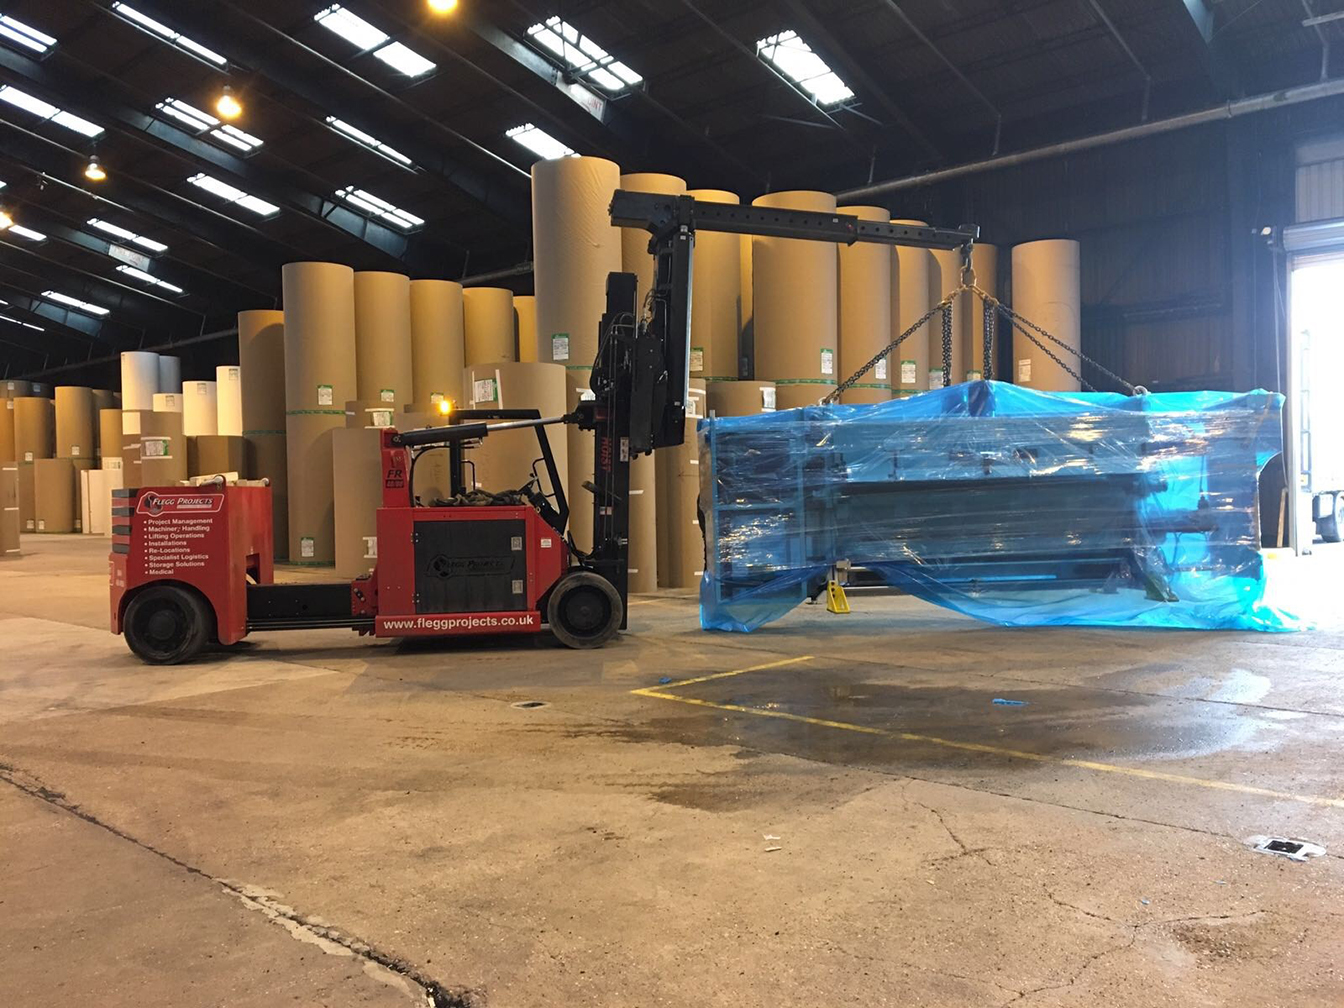 Hoist moving equipment